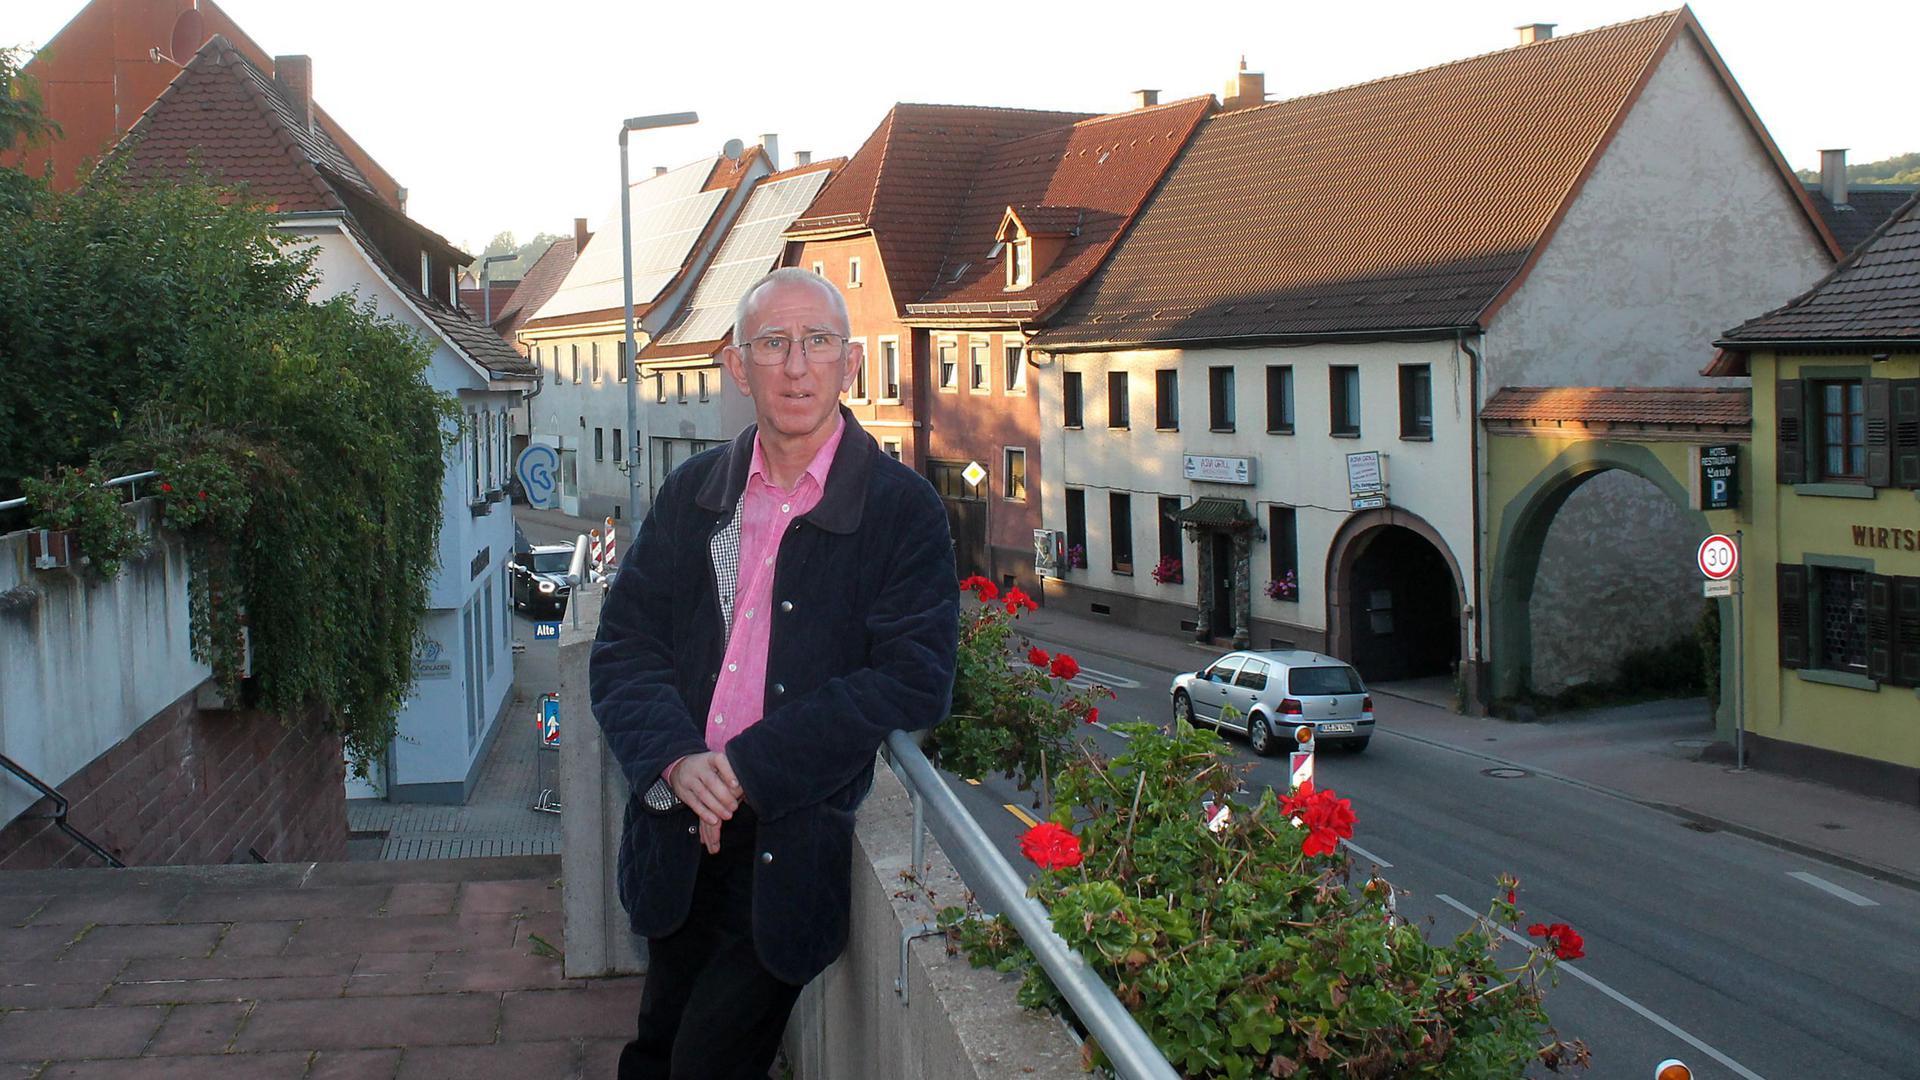 Berghausen + Vortisch im Vordergrund